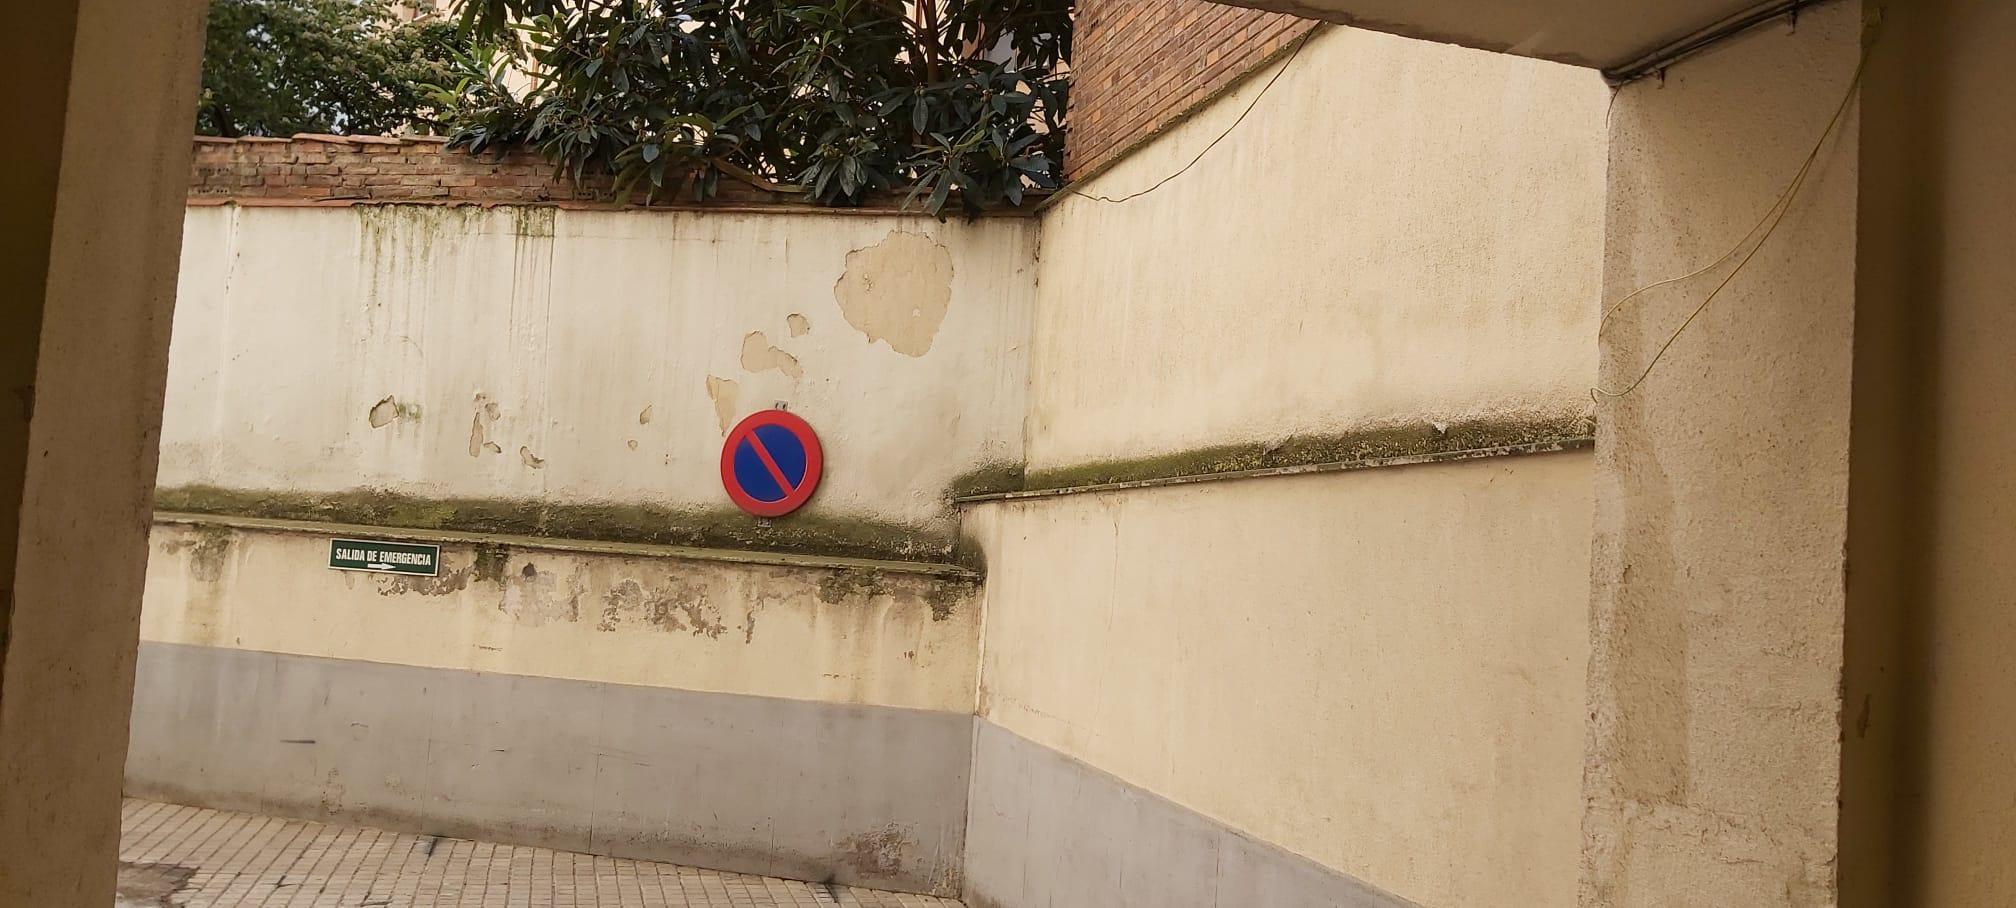 Lamentable estado de los accesos del ambulatoria de la Condesa